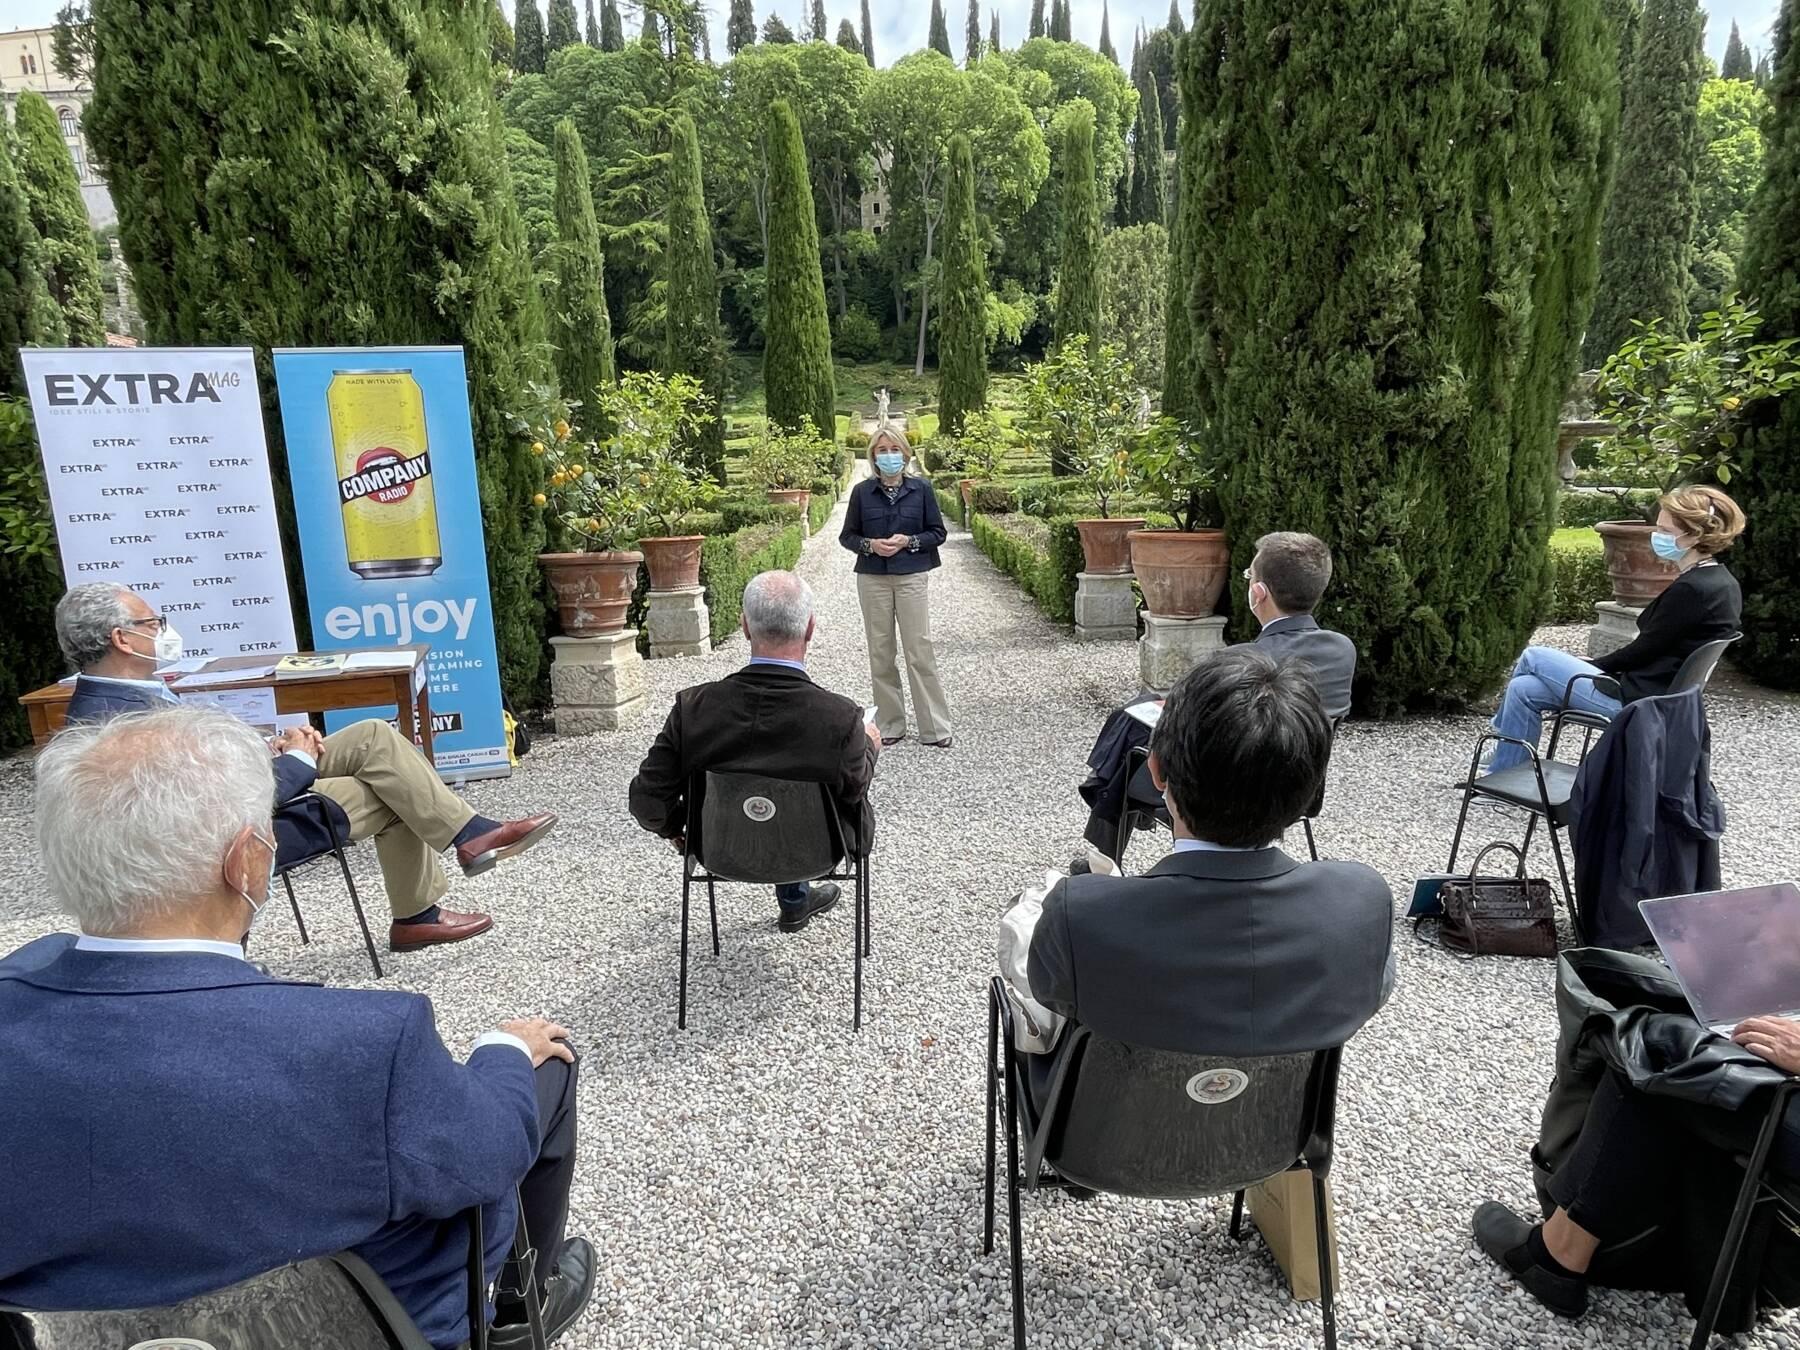 Presentazione a Verona a Giardino Giusti della giornata nazionale delle dimore storiche 2021